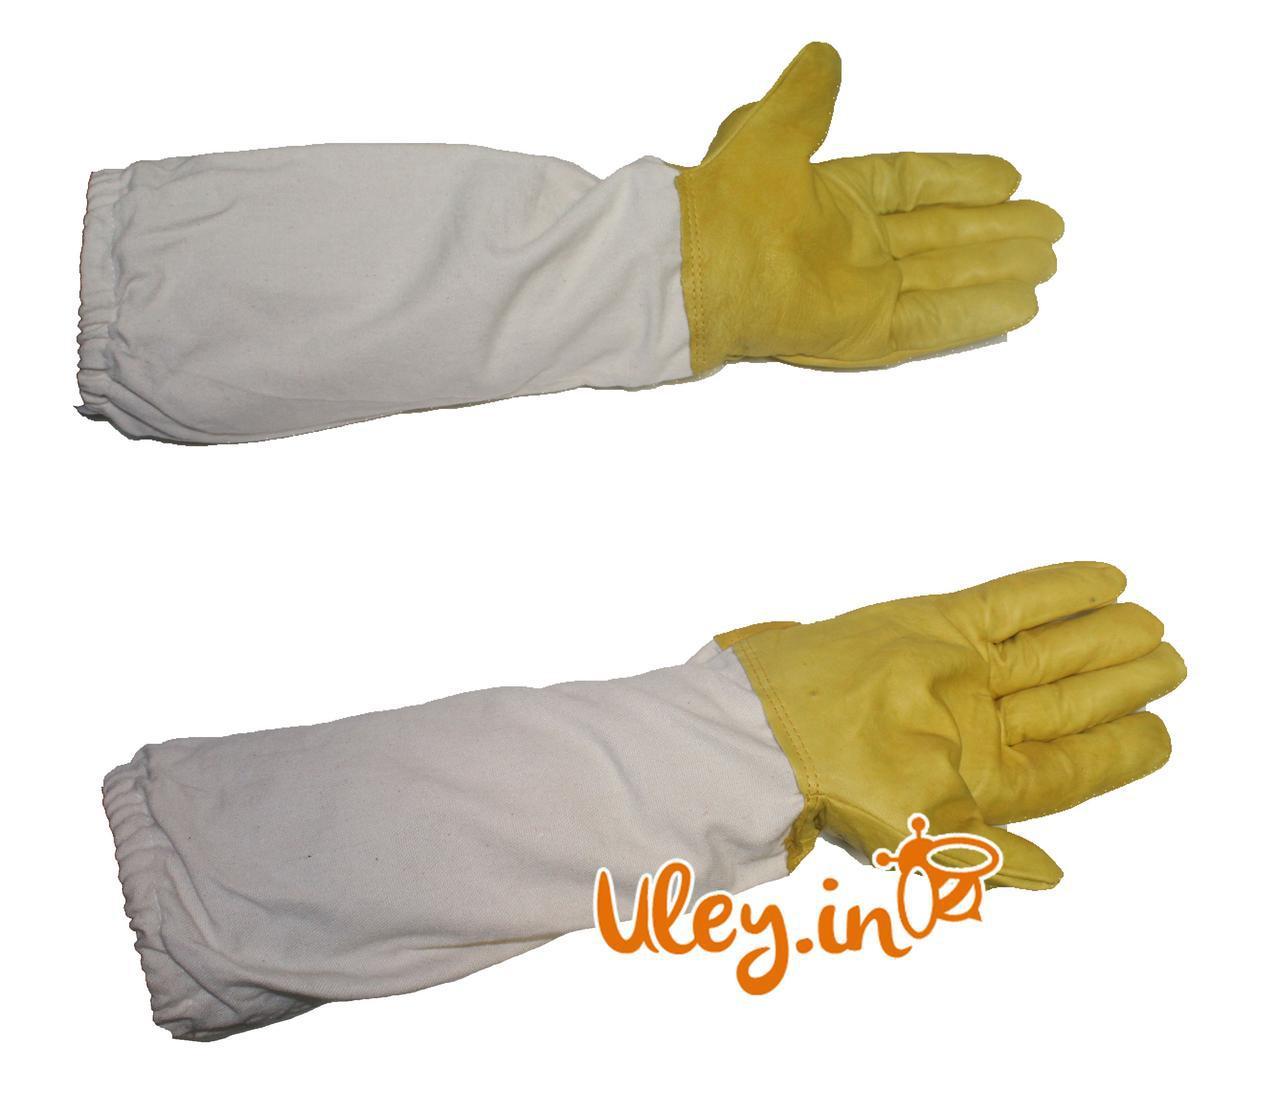 Перчатки КОЖАНЫЕ Большой размер XXL с нарукавниками (Польша)